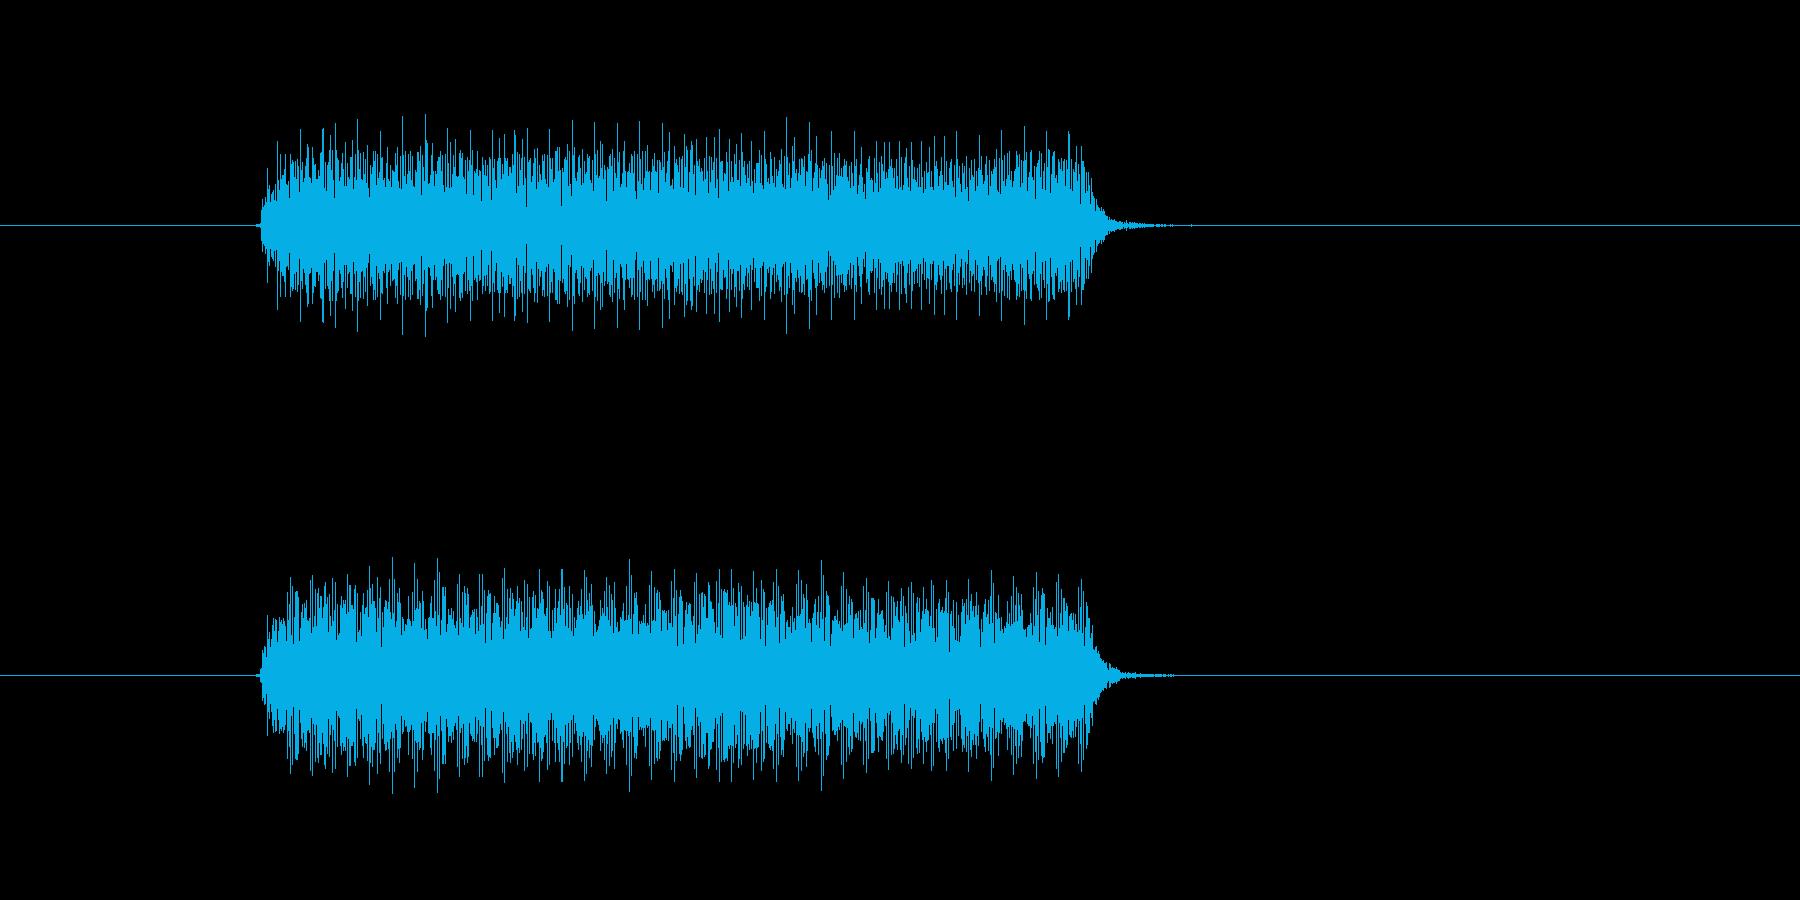 クラクション1連の再生済みの波形